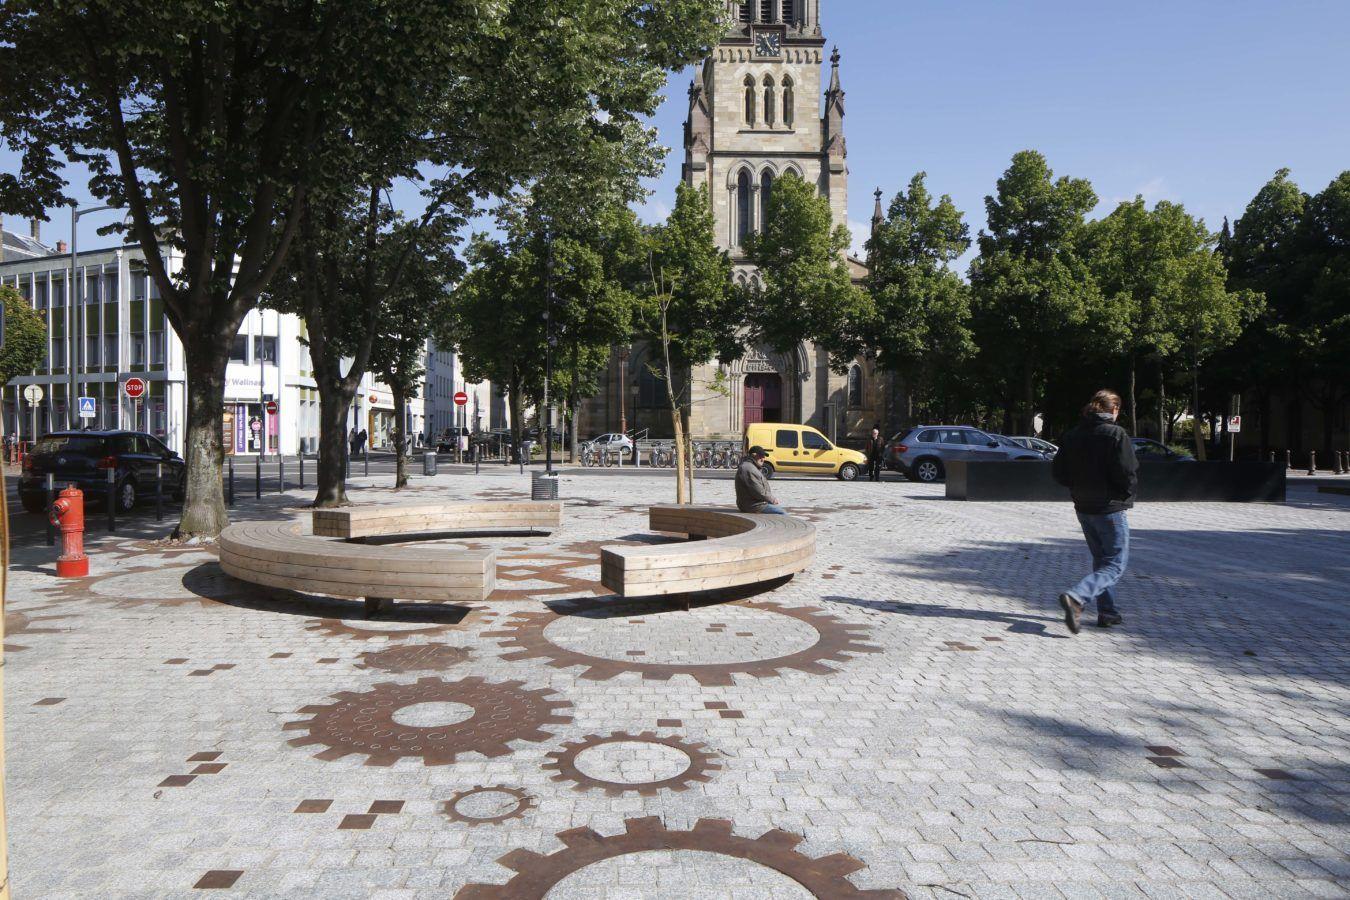 Place de la Paix - Mutabilis